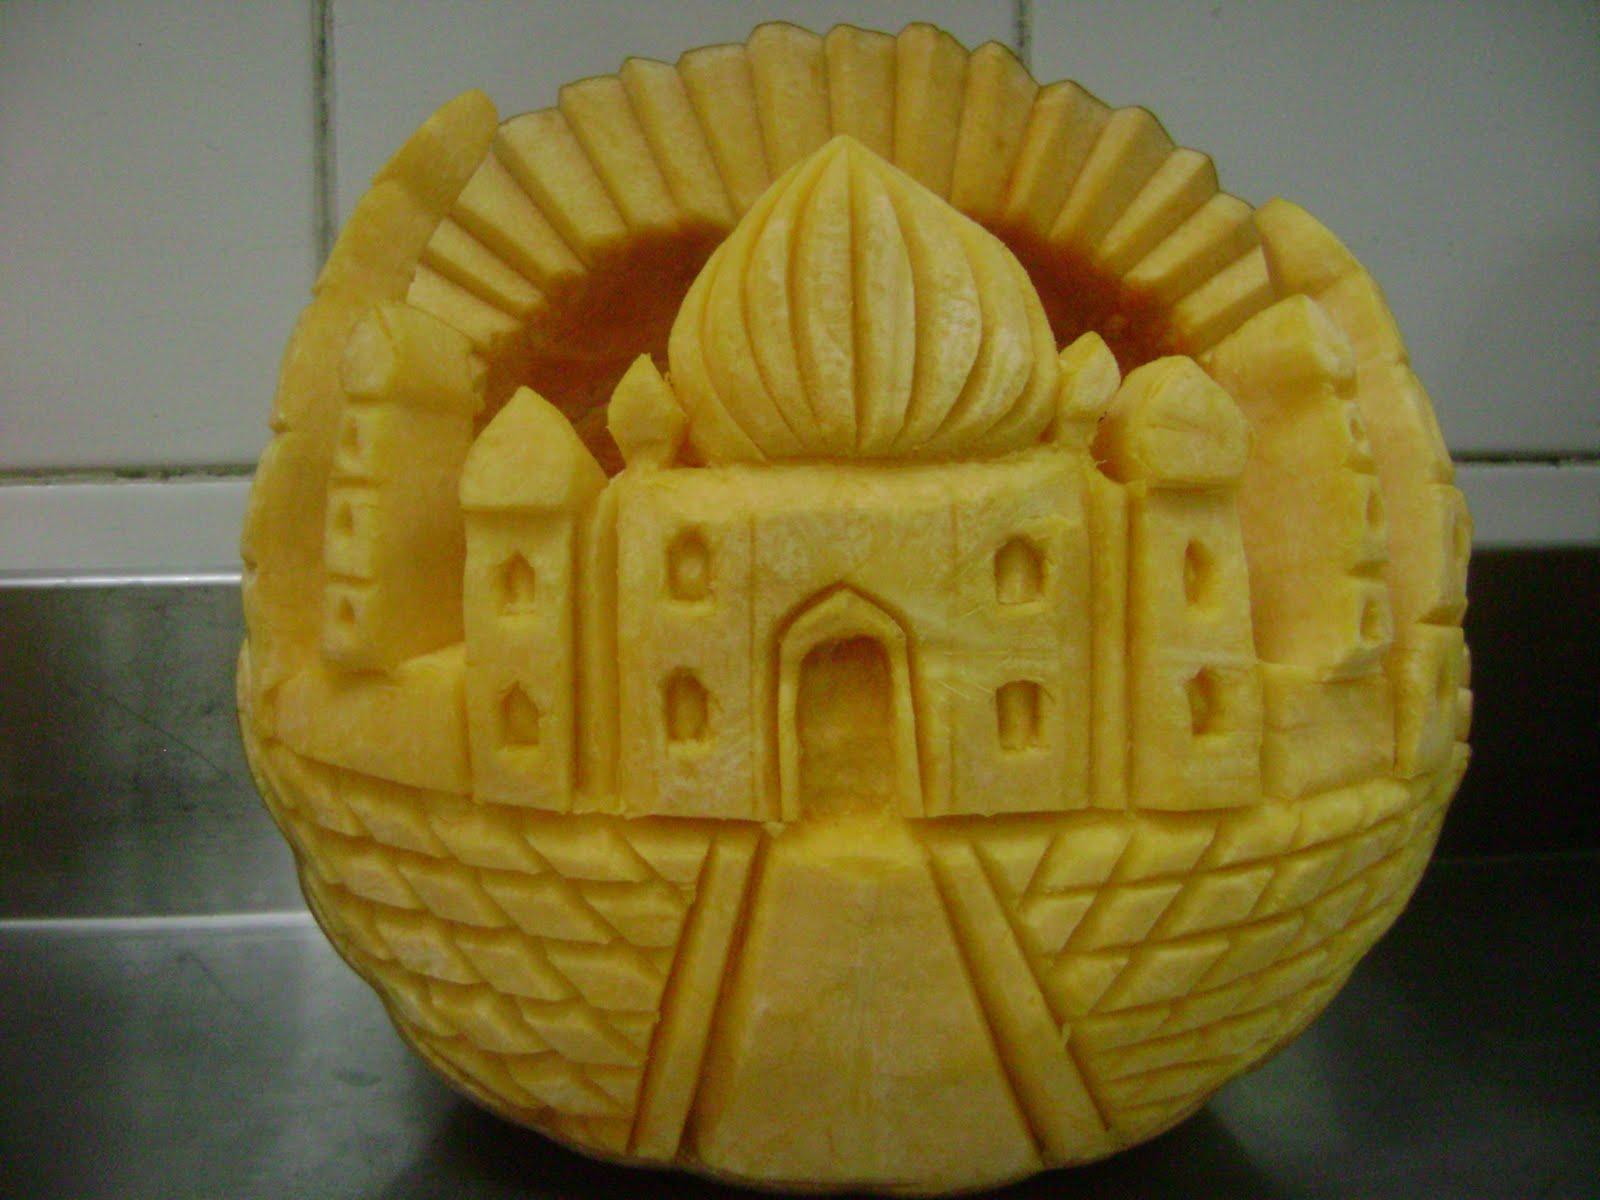 Vegetable and fruit carving taj mahal red pumpkin